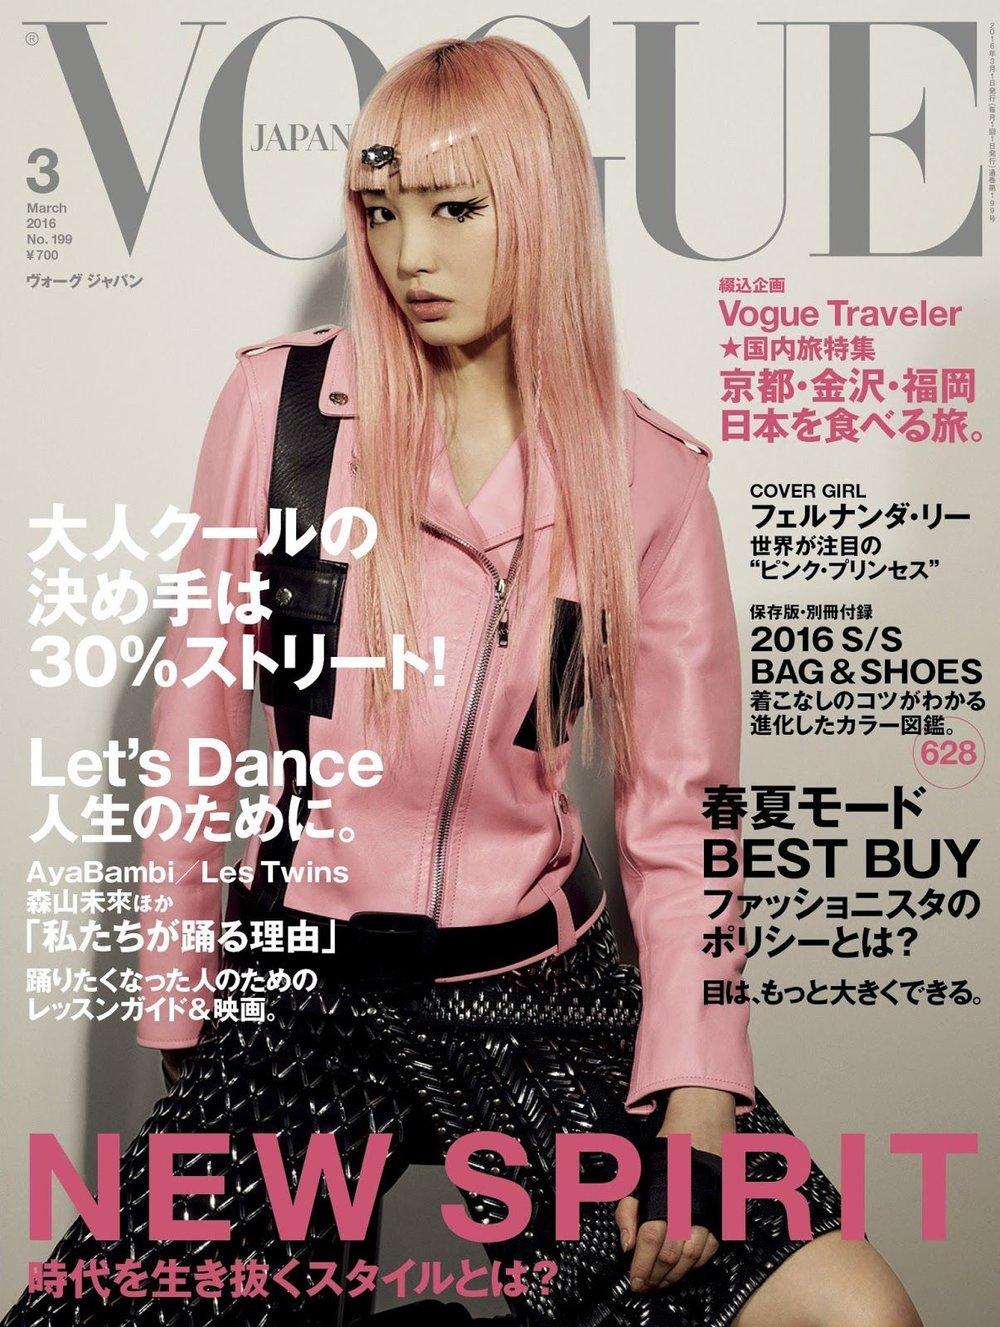 Vogue Japan Feature, March 2016